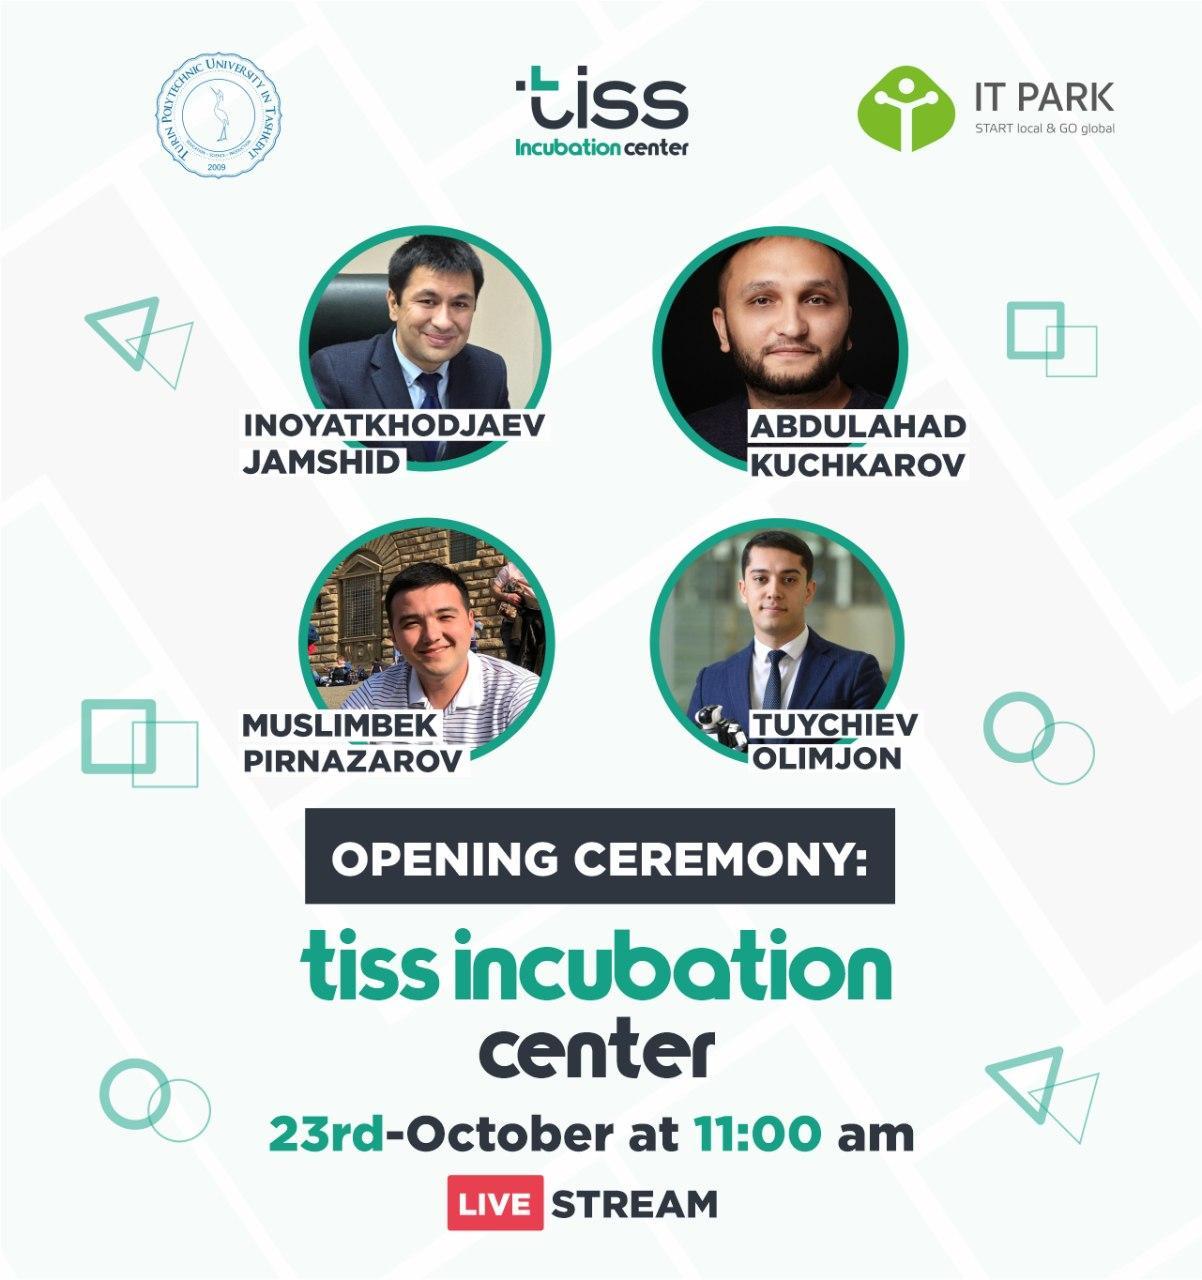 Приглашаем на церемонию открытия инкубационного центра TISS!